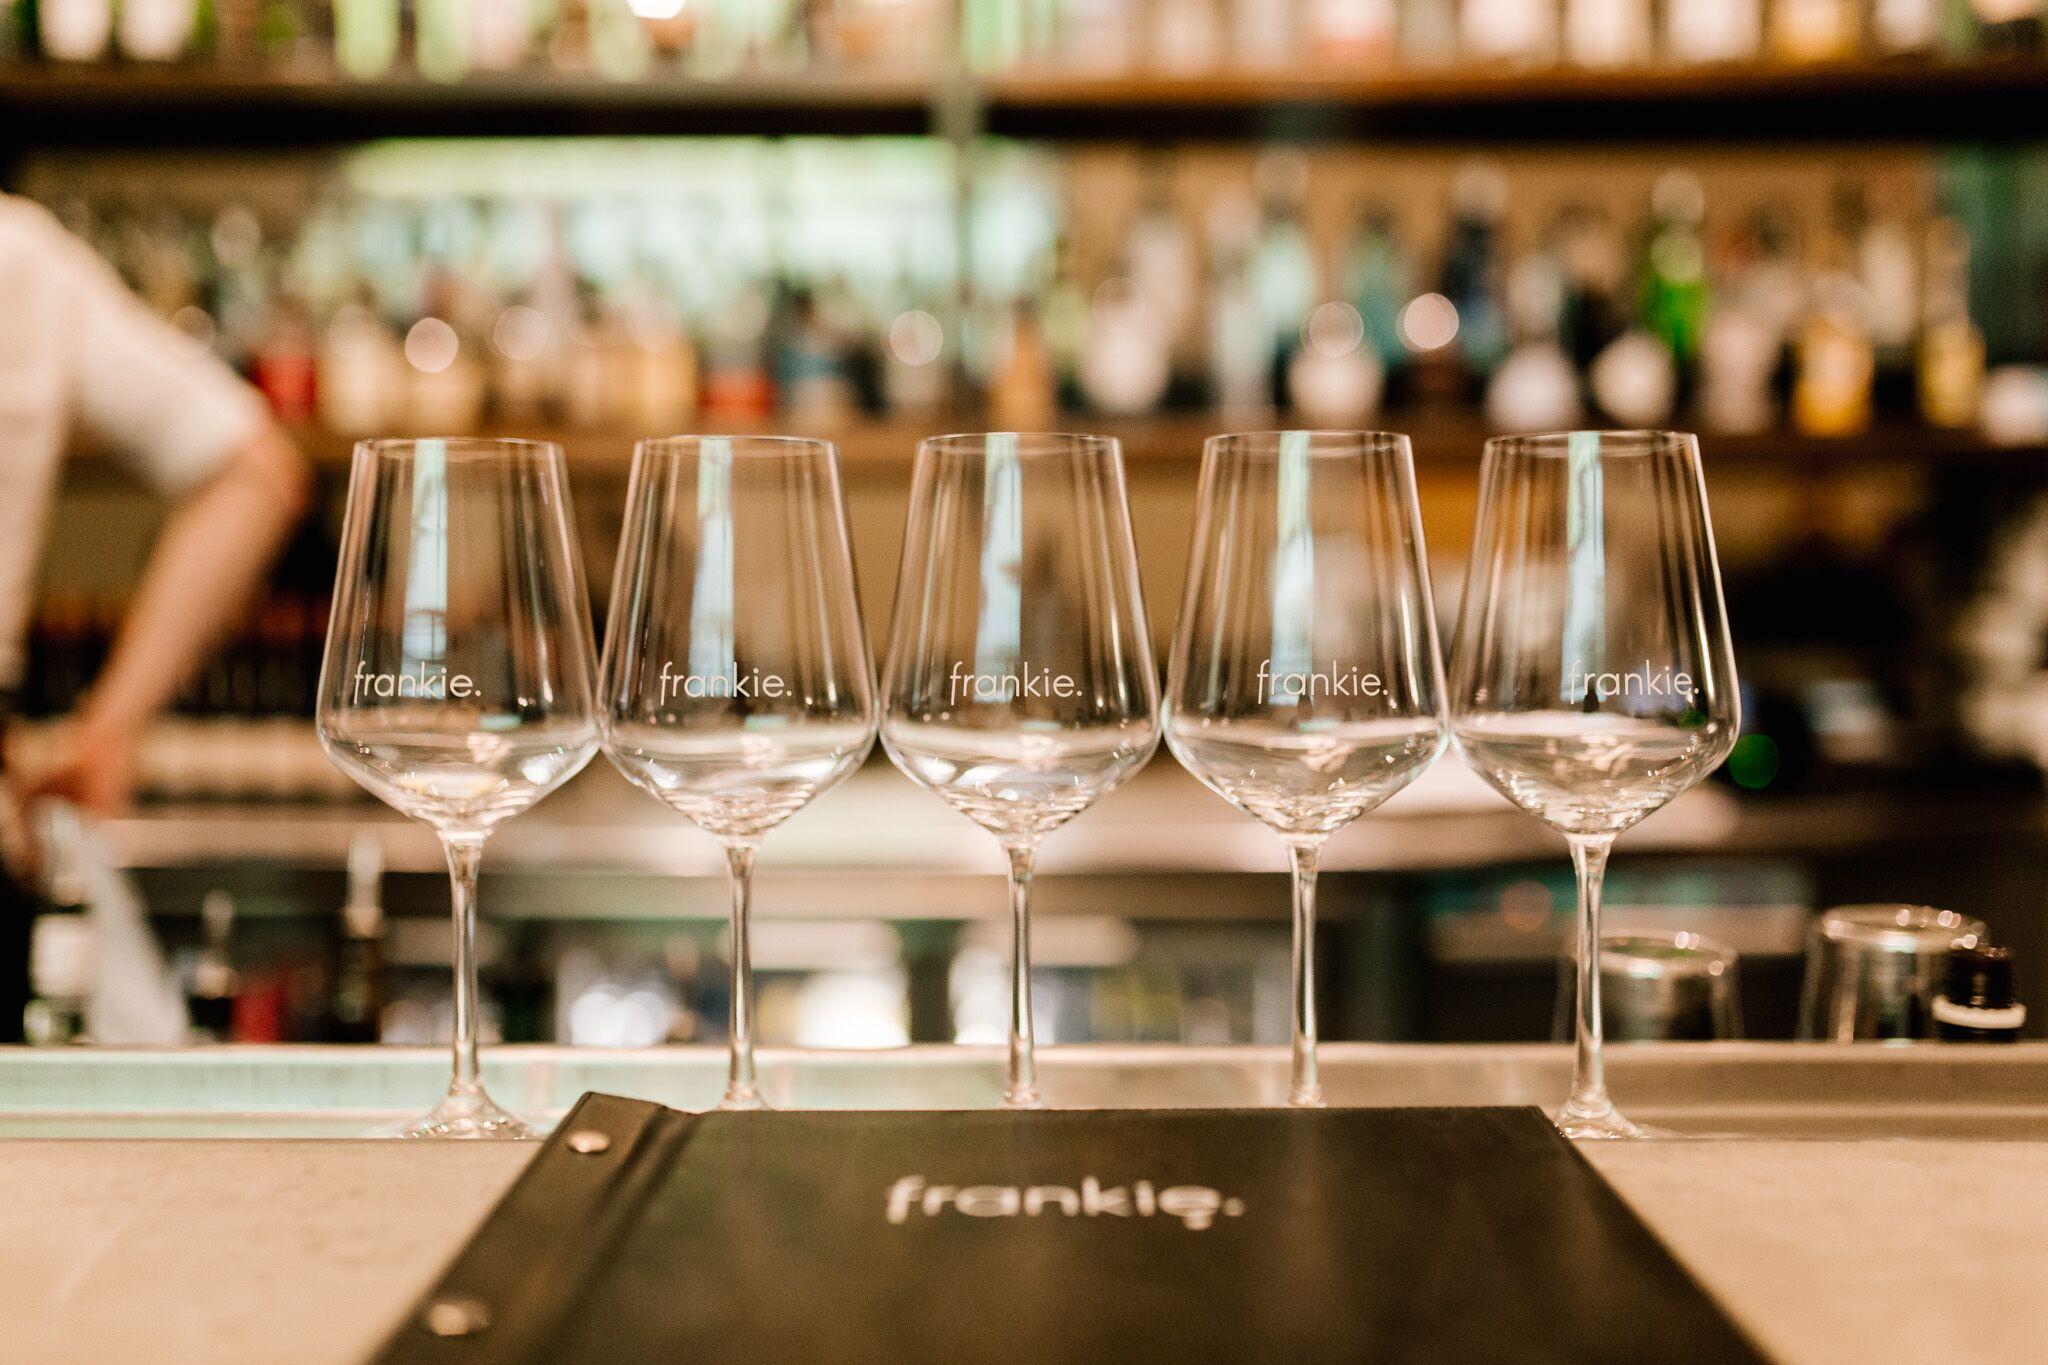 frankie. drinks